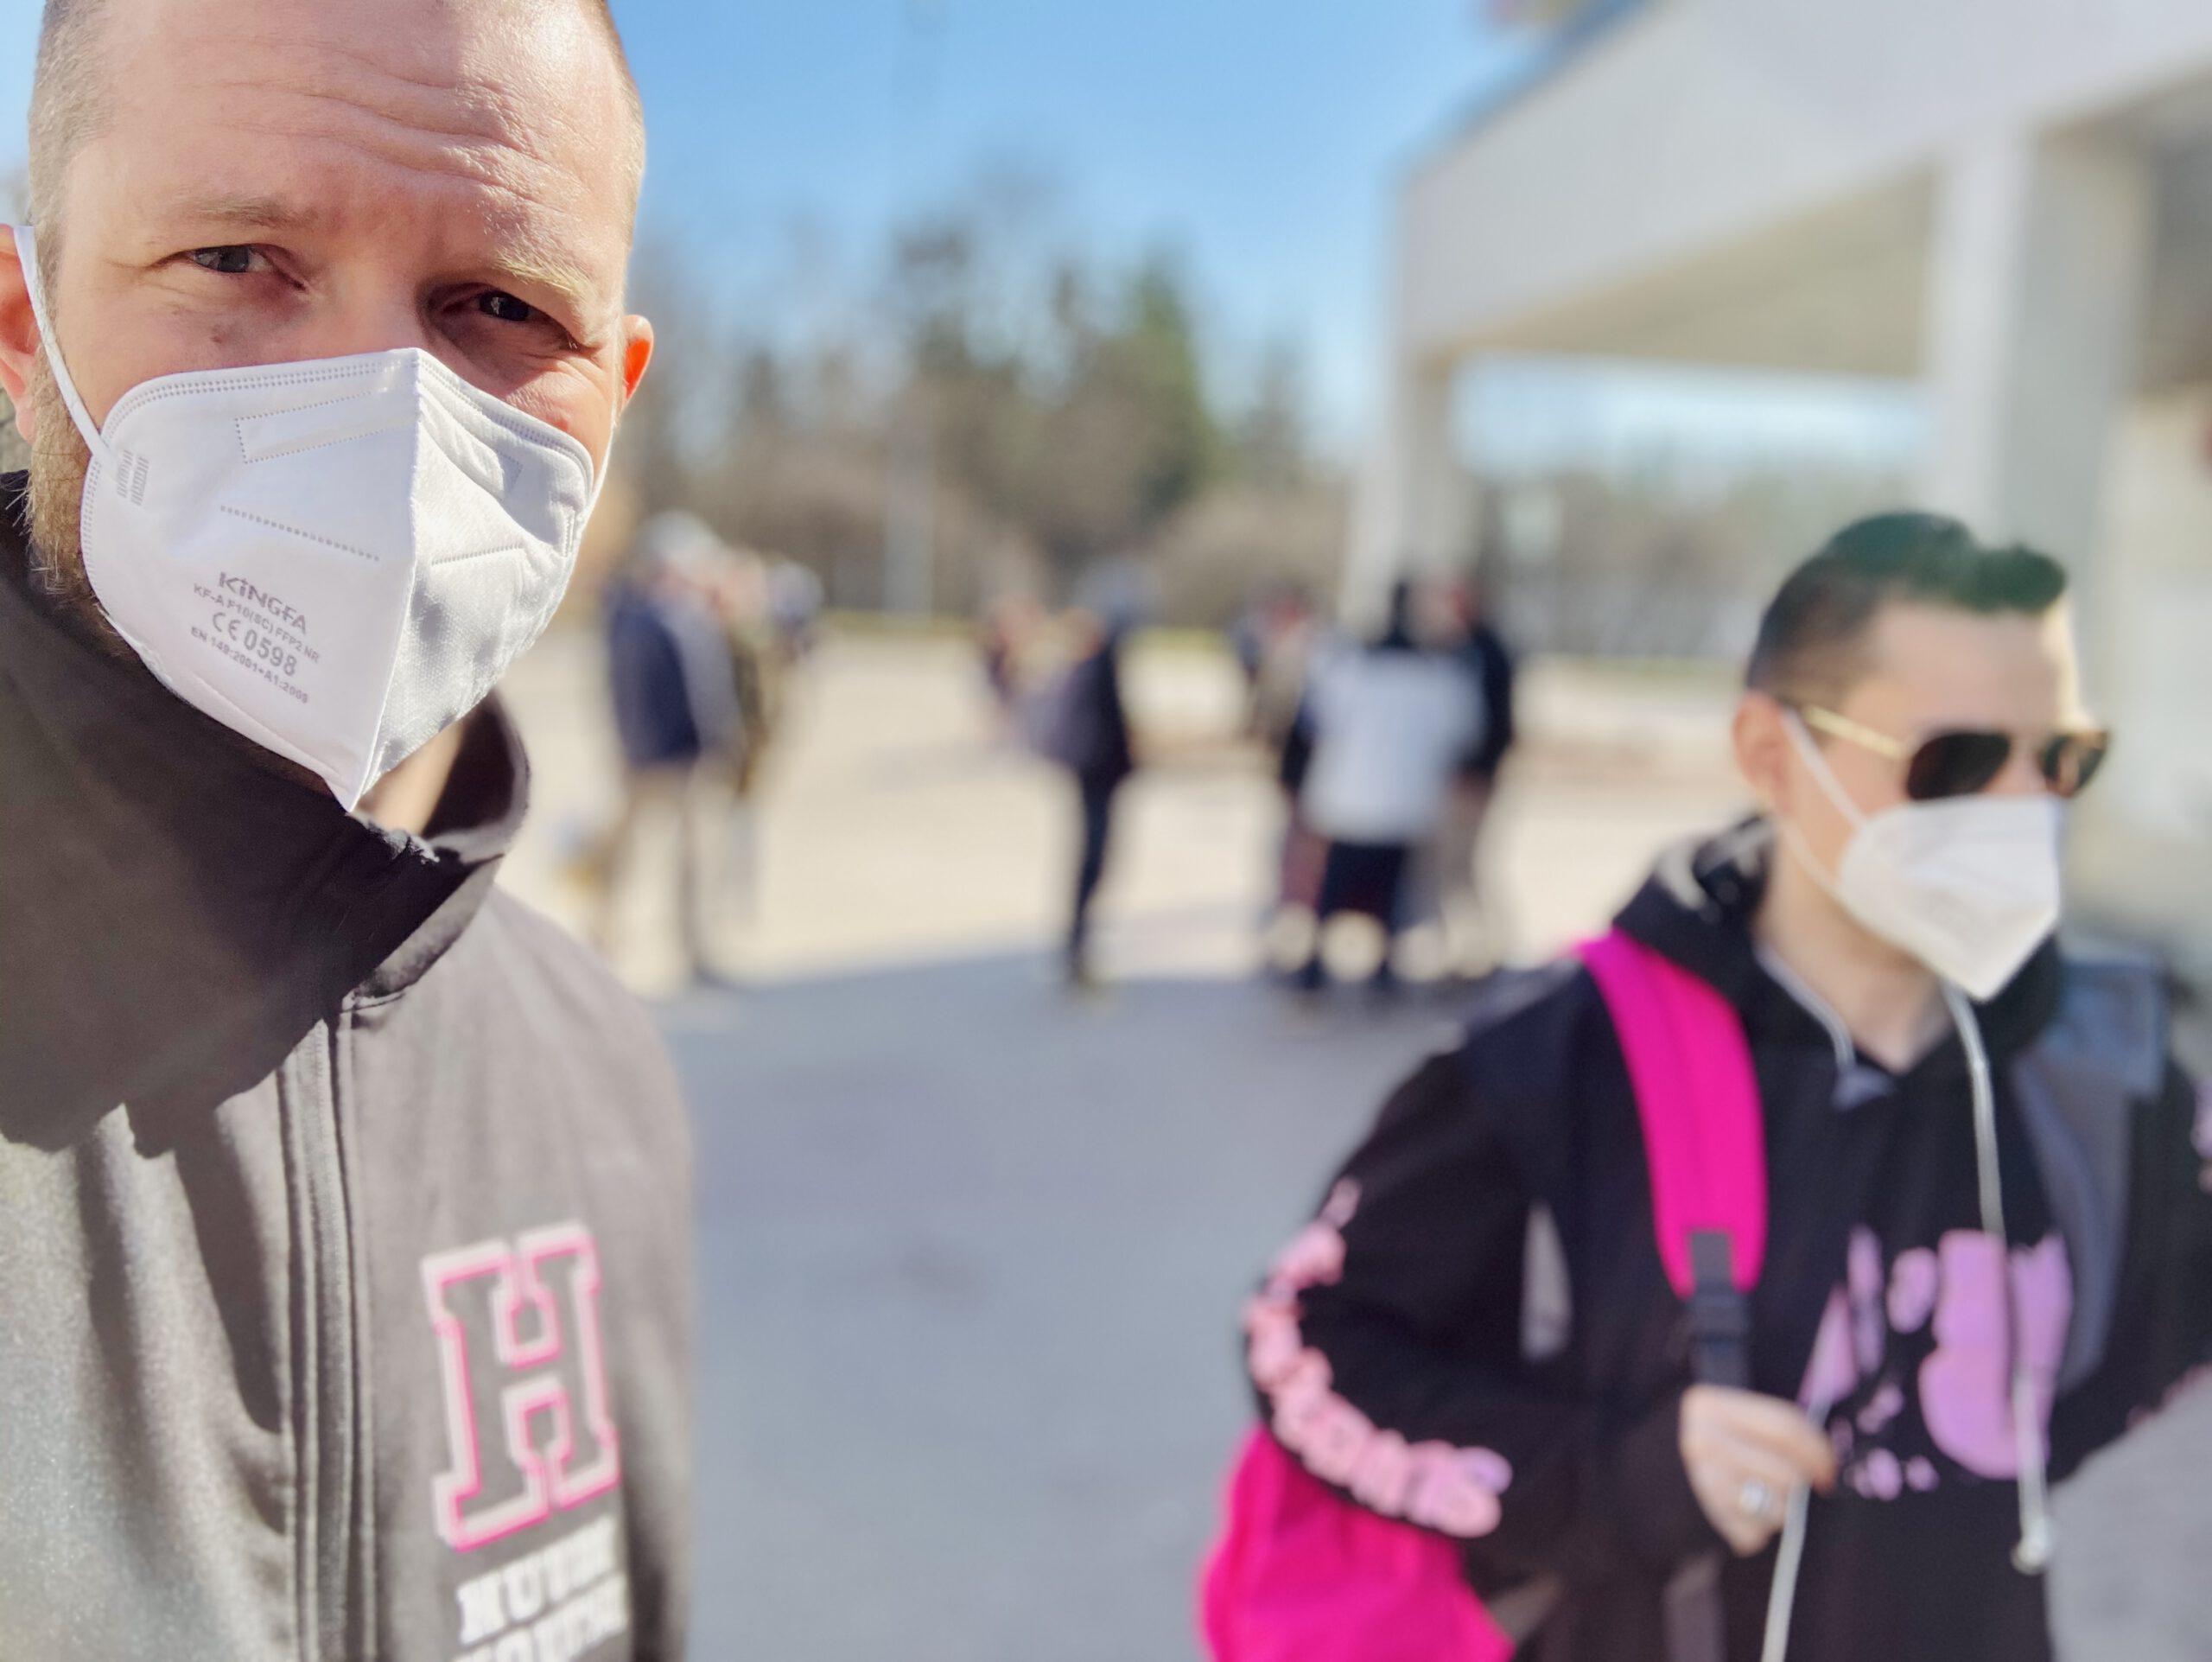 Kaksi miestä maskit naamalla Huudikoutsihuppareissa kävelevät kadulla